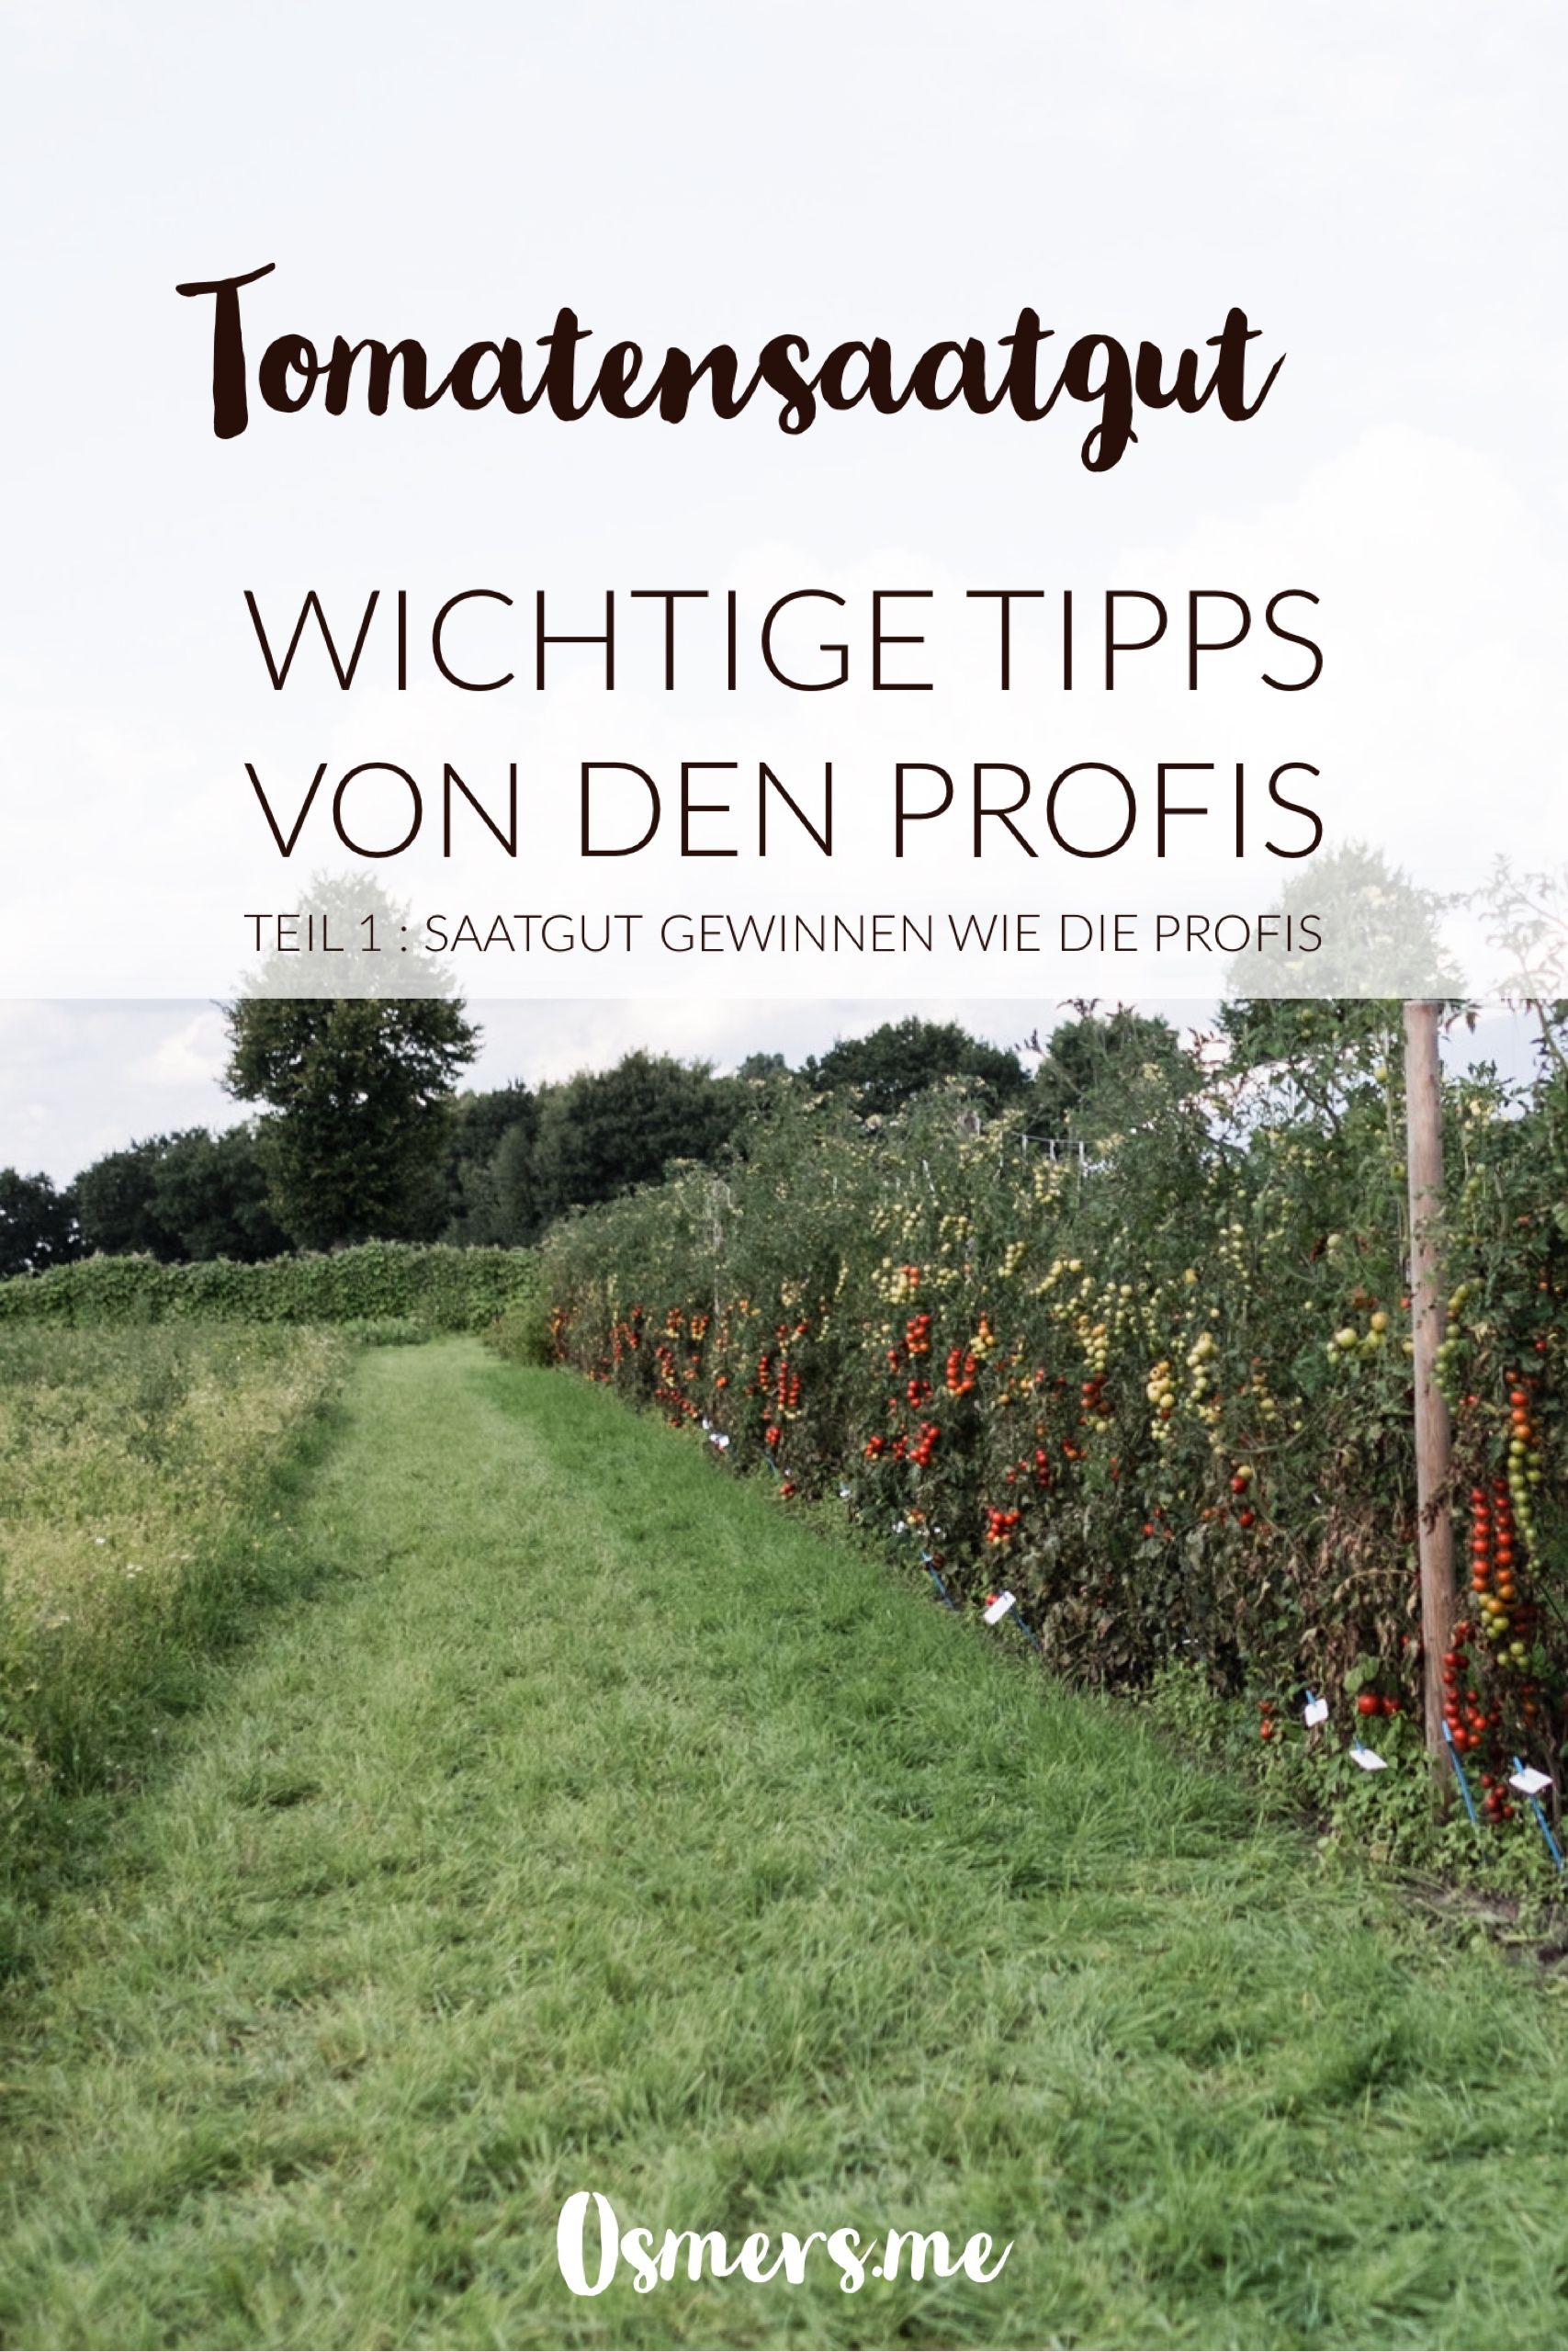 Tomaten Vermehren Pflegen Ernten Teil 1 Saatgutgewinnung Osmers Garten Garten Saatgut Garten Gestalten